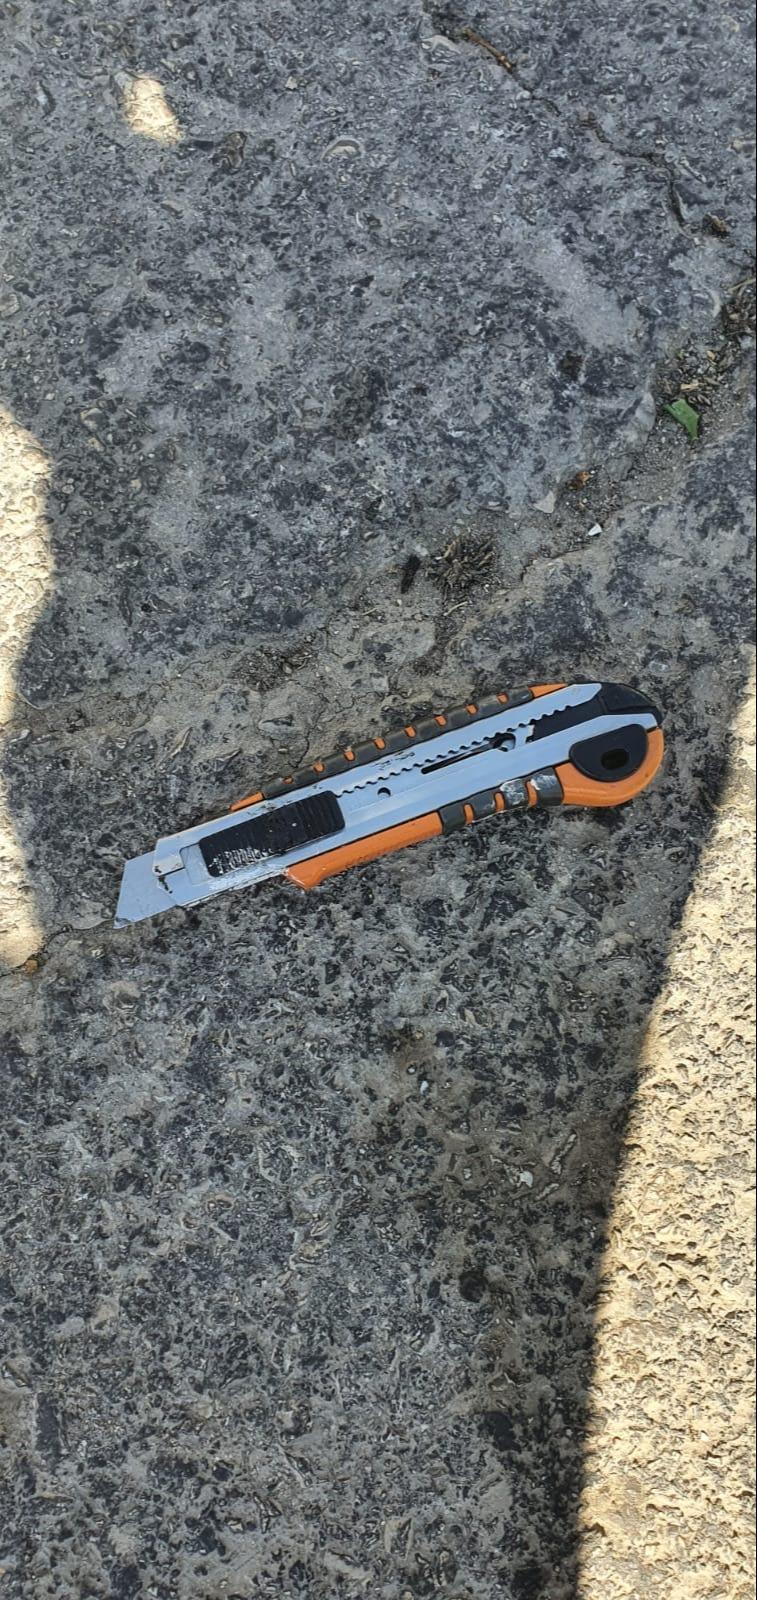 הסכין שהמחבל הביא איתו לבצע את הפיגוע